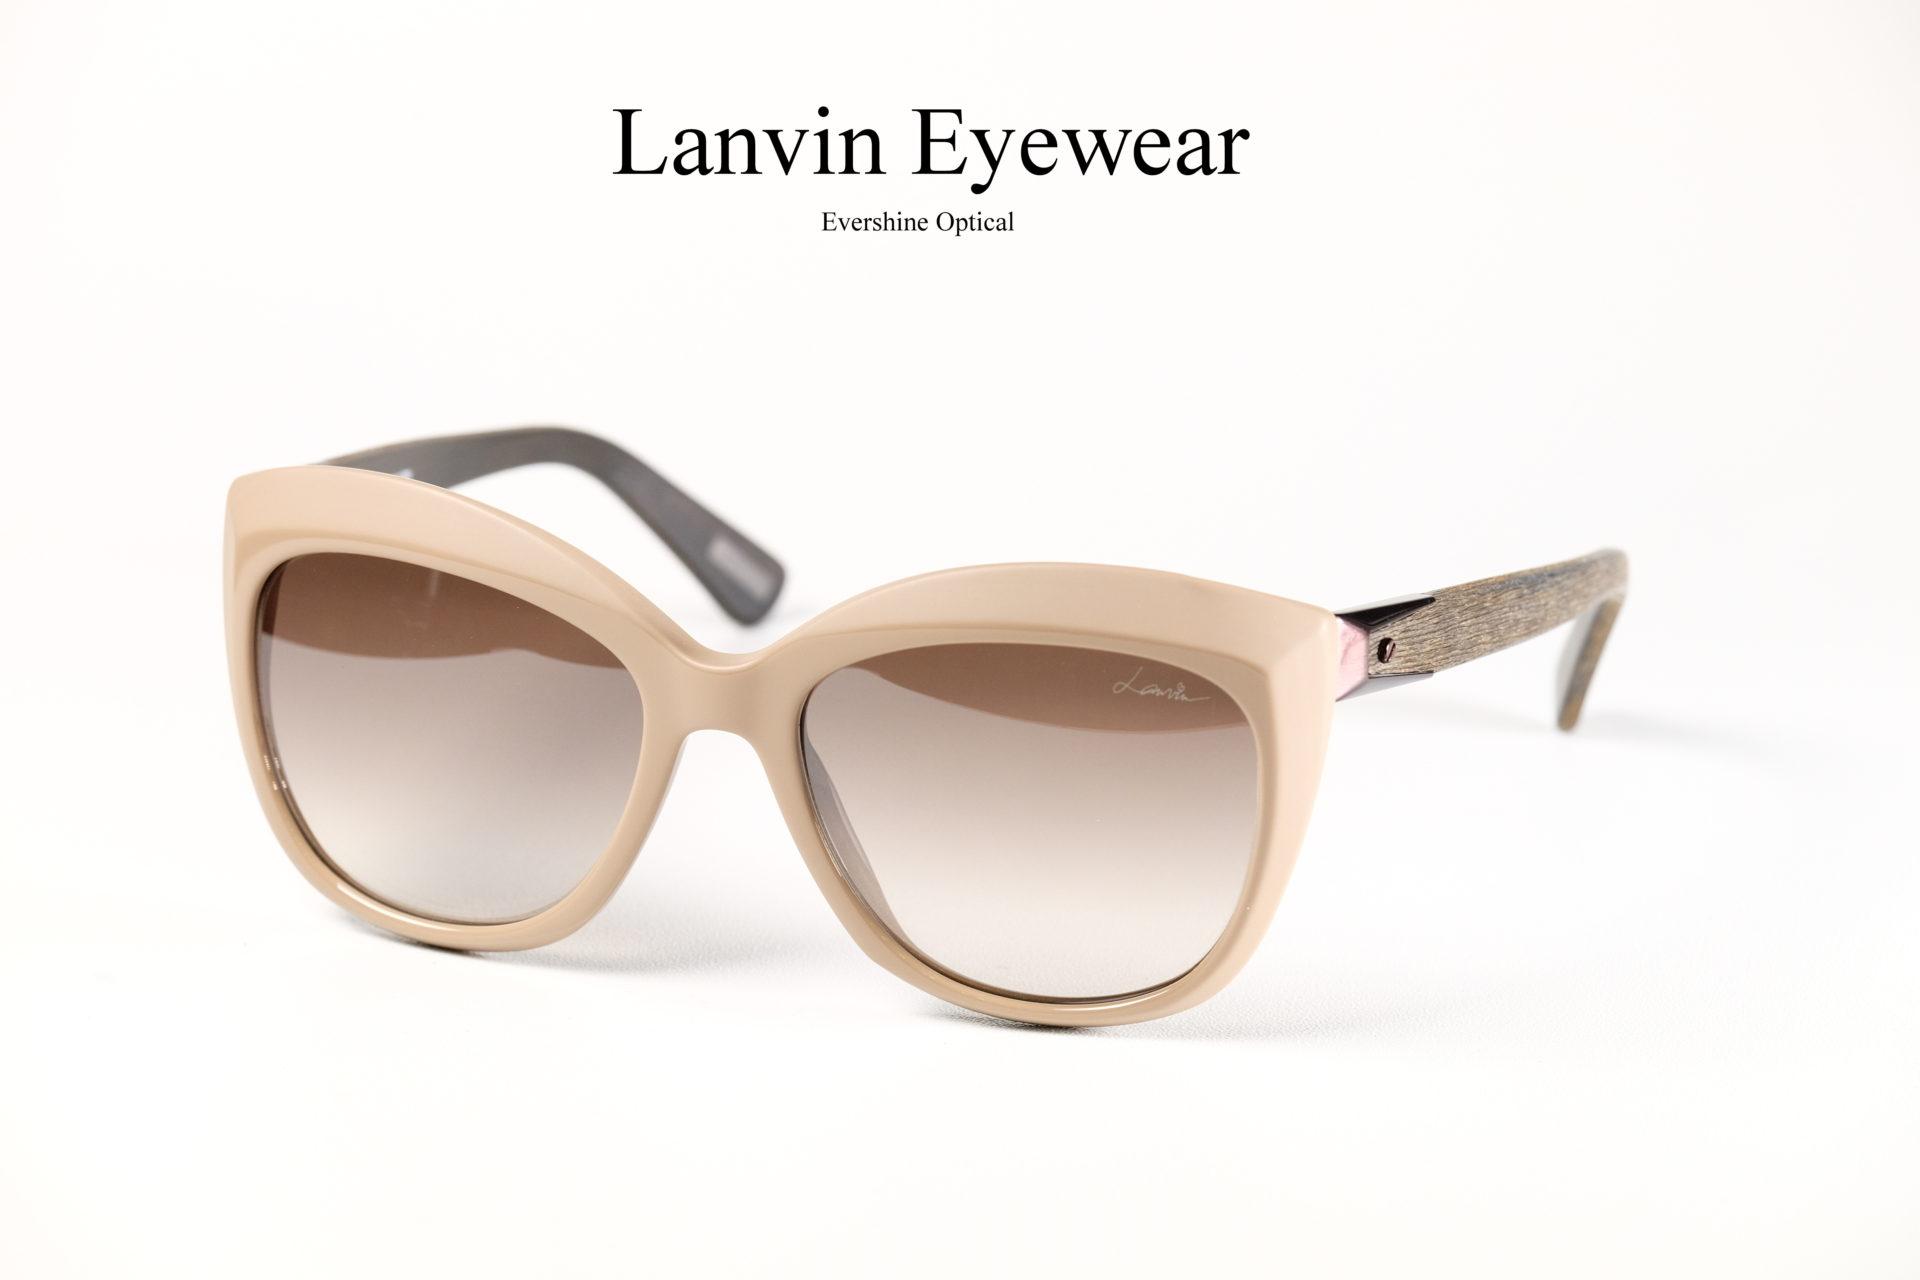 ae4777ec82 Lanvin Eyewear Collection - Evershine Optical